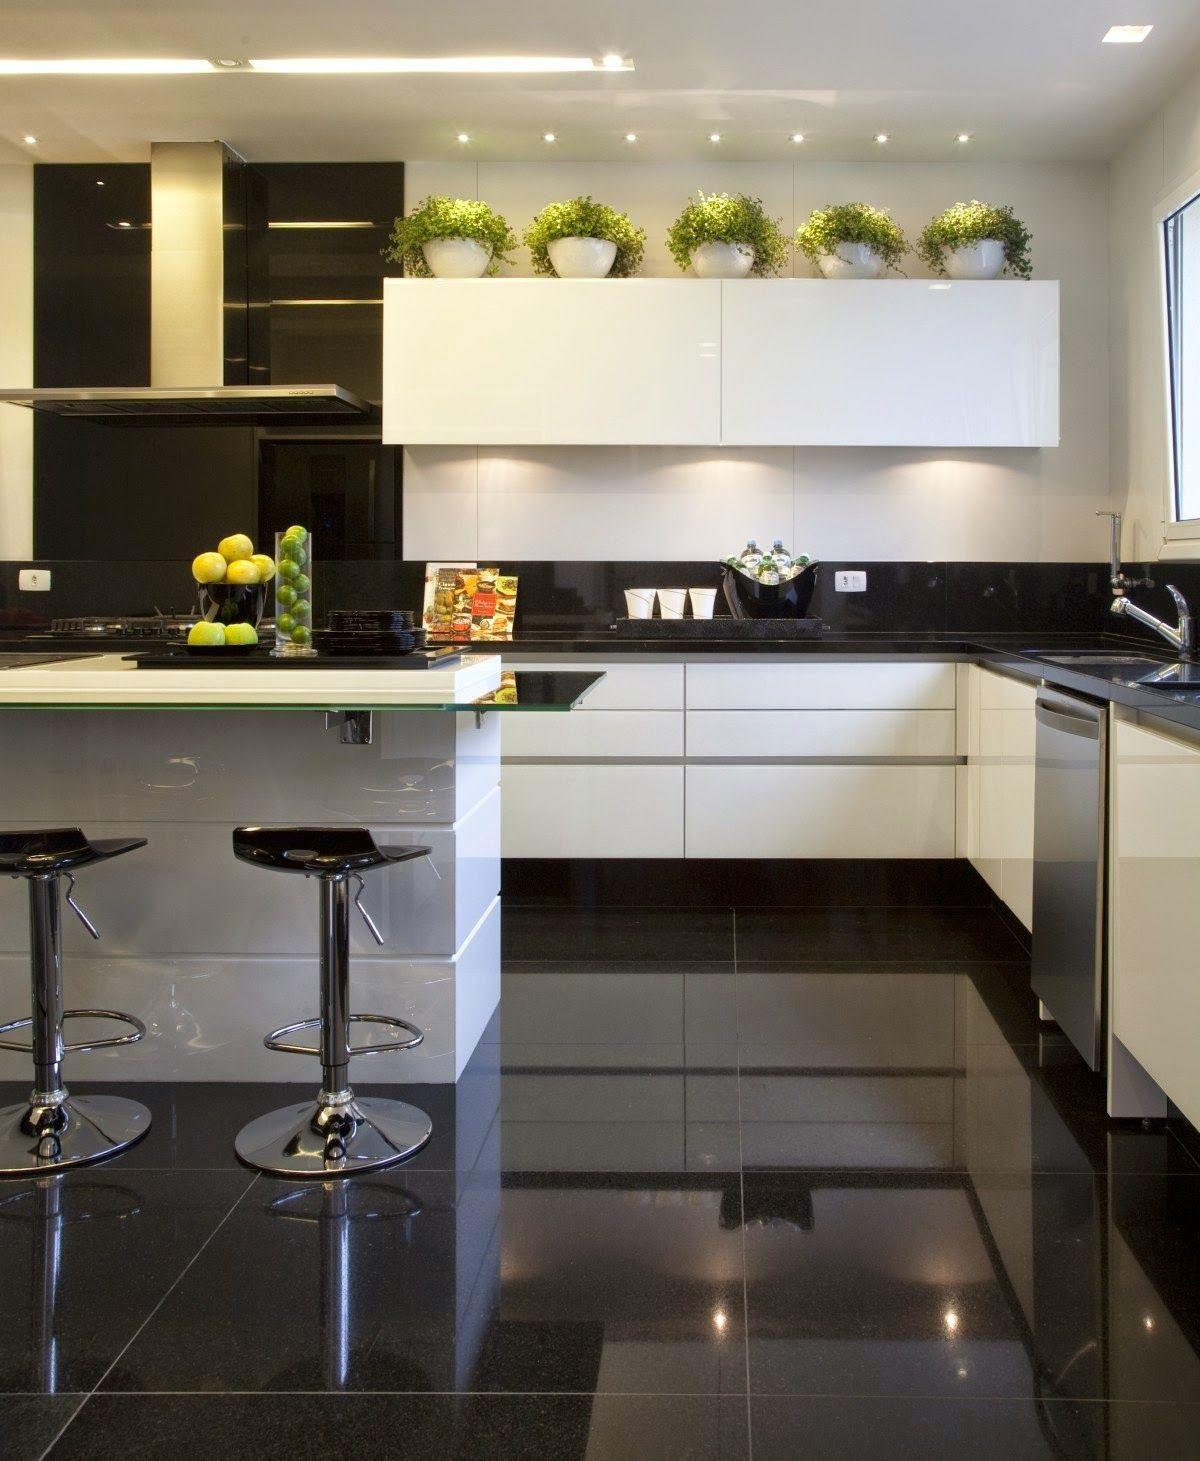 Apartamento Moderno Com Decora O Preto Branco Maravilhoso